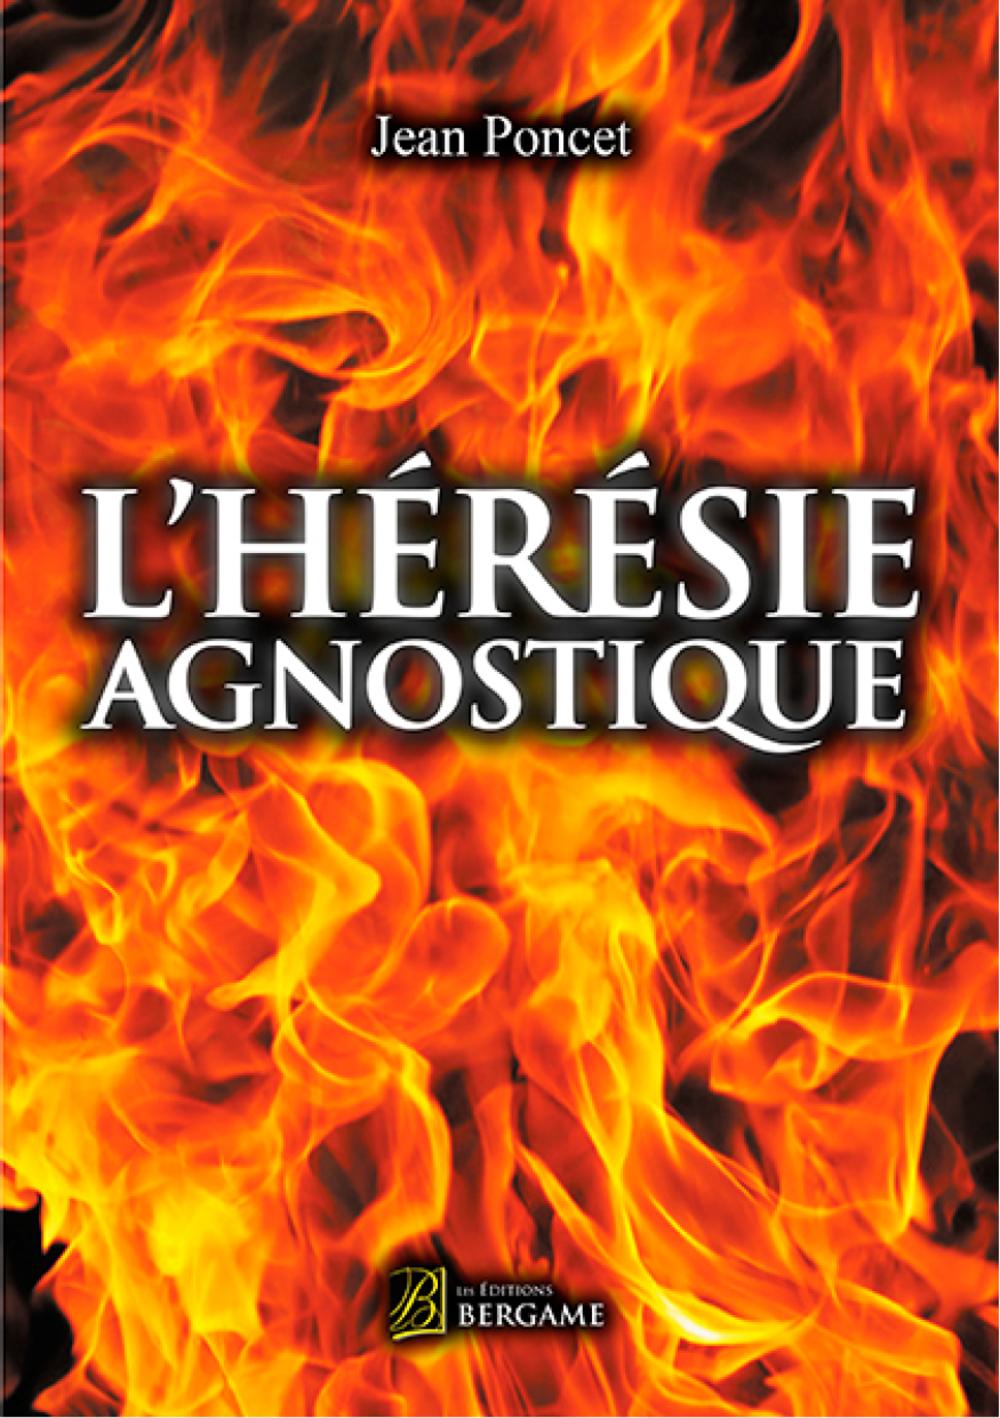 L'hérésie agnostique